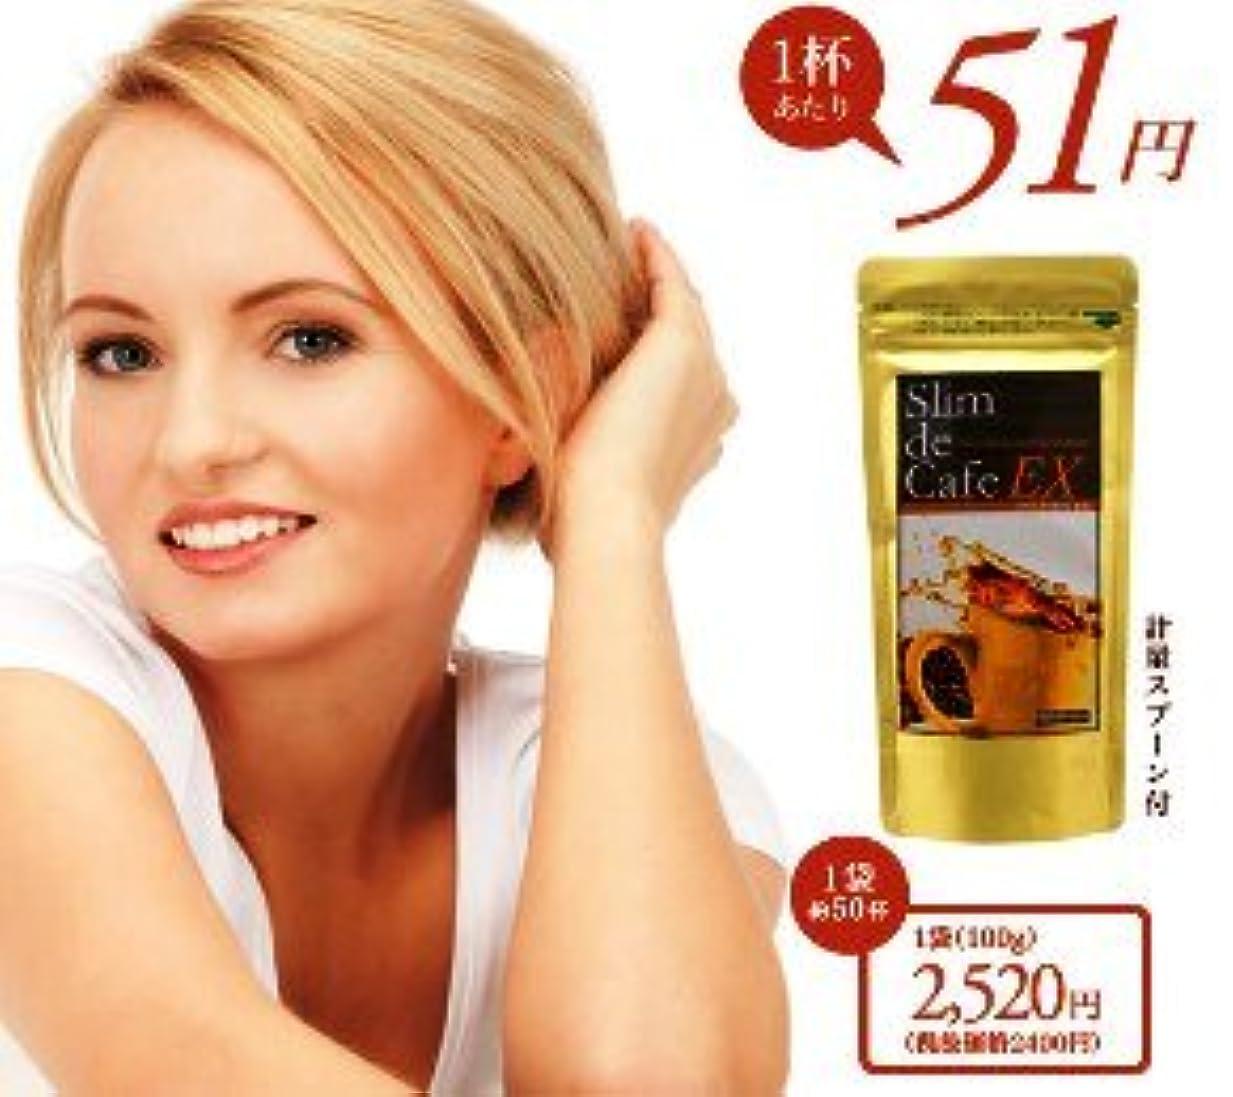 種をまく値する柔らかさスリムドカフェEX  1袋 100g ×3袋